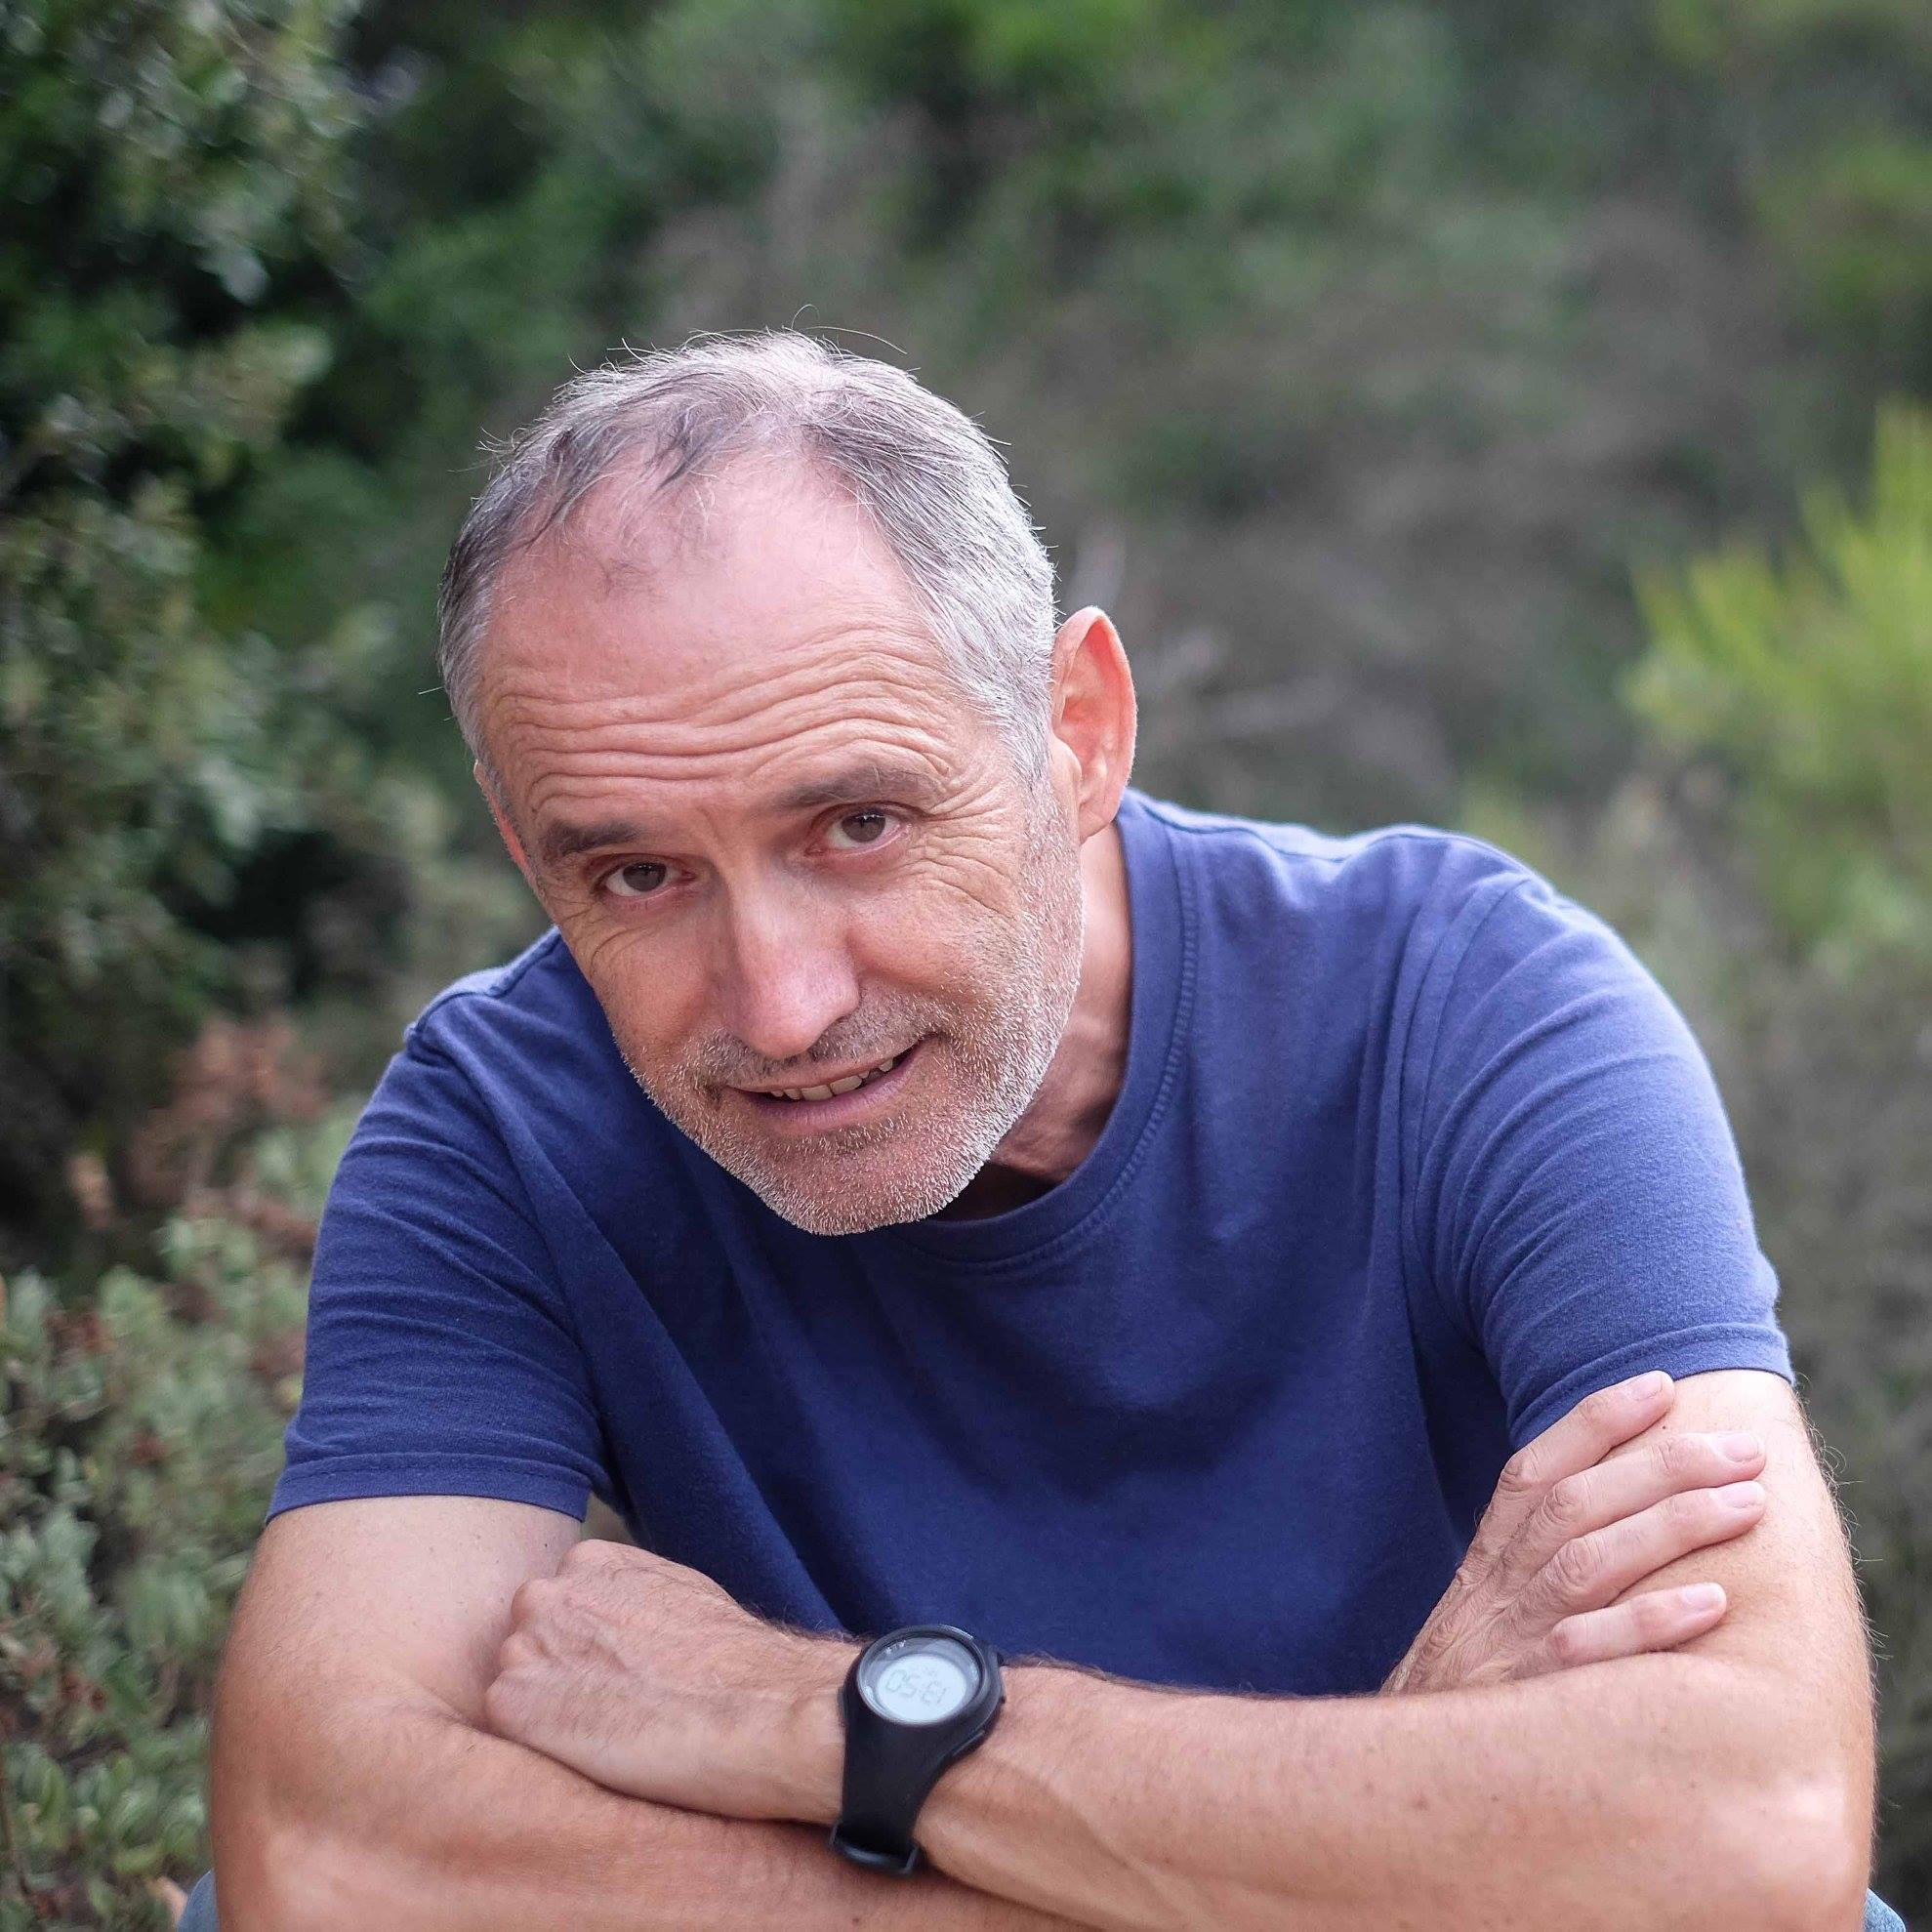 Francesc Verdugo